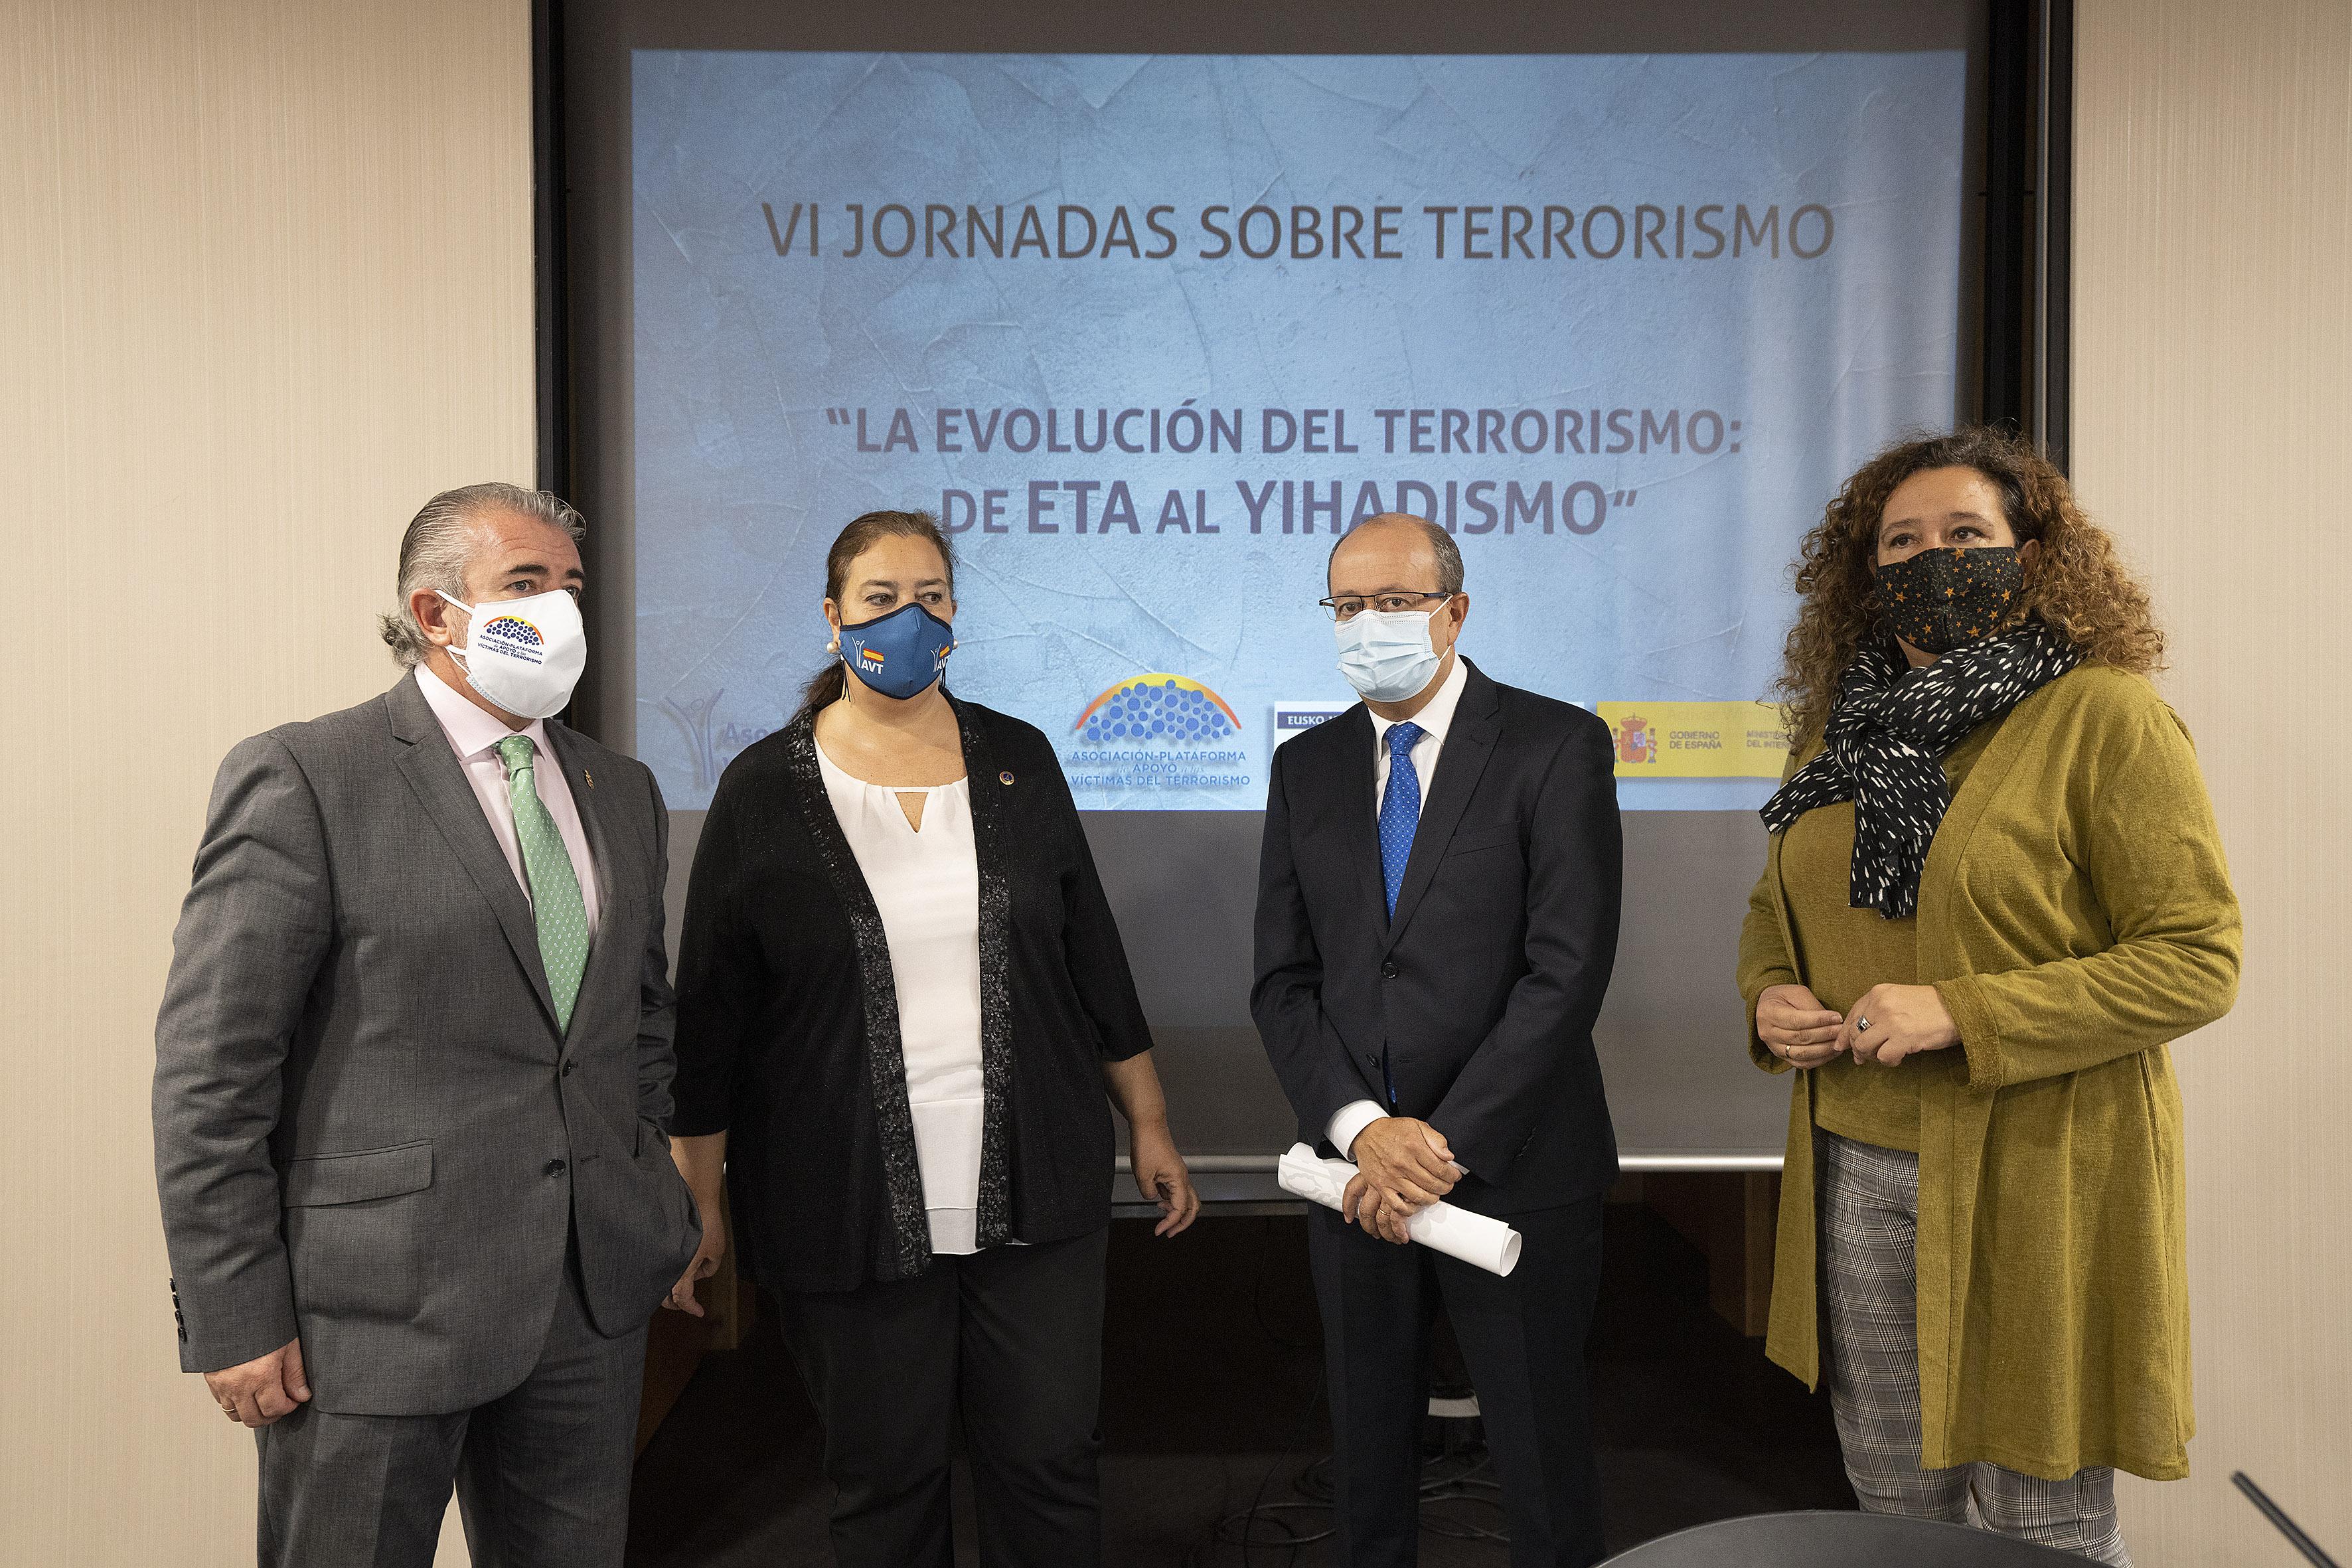 201020_jornadas_terrorismo_07.jpg